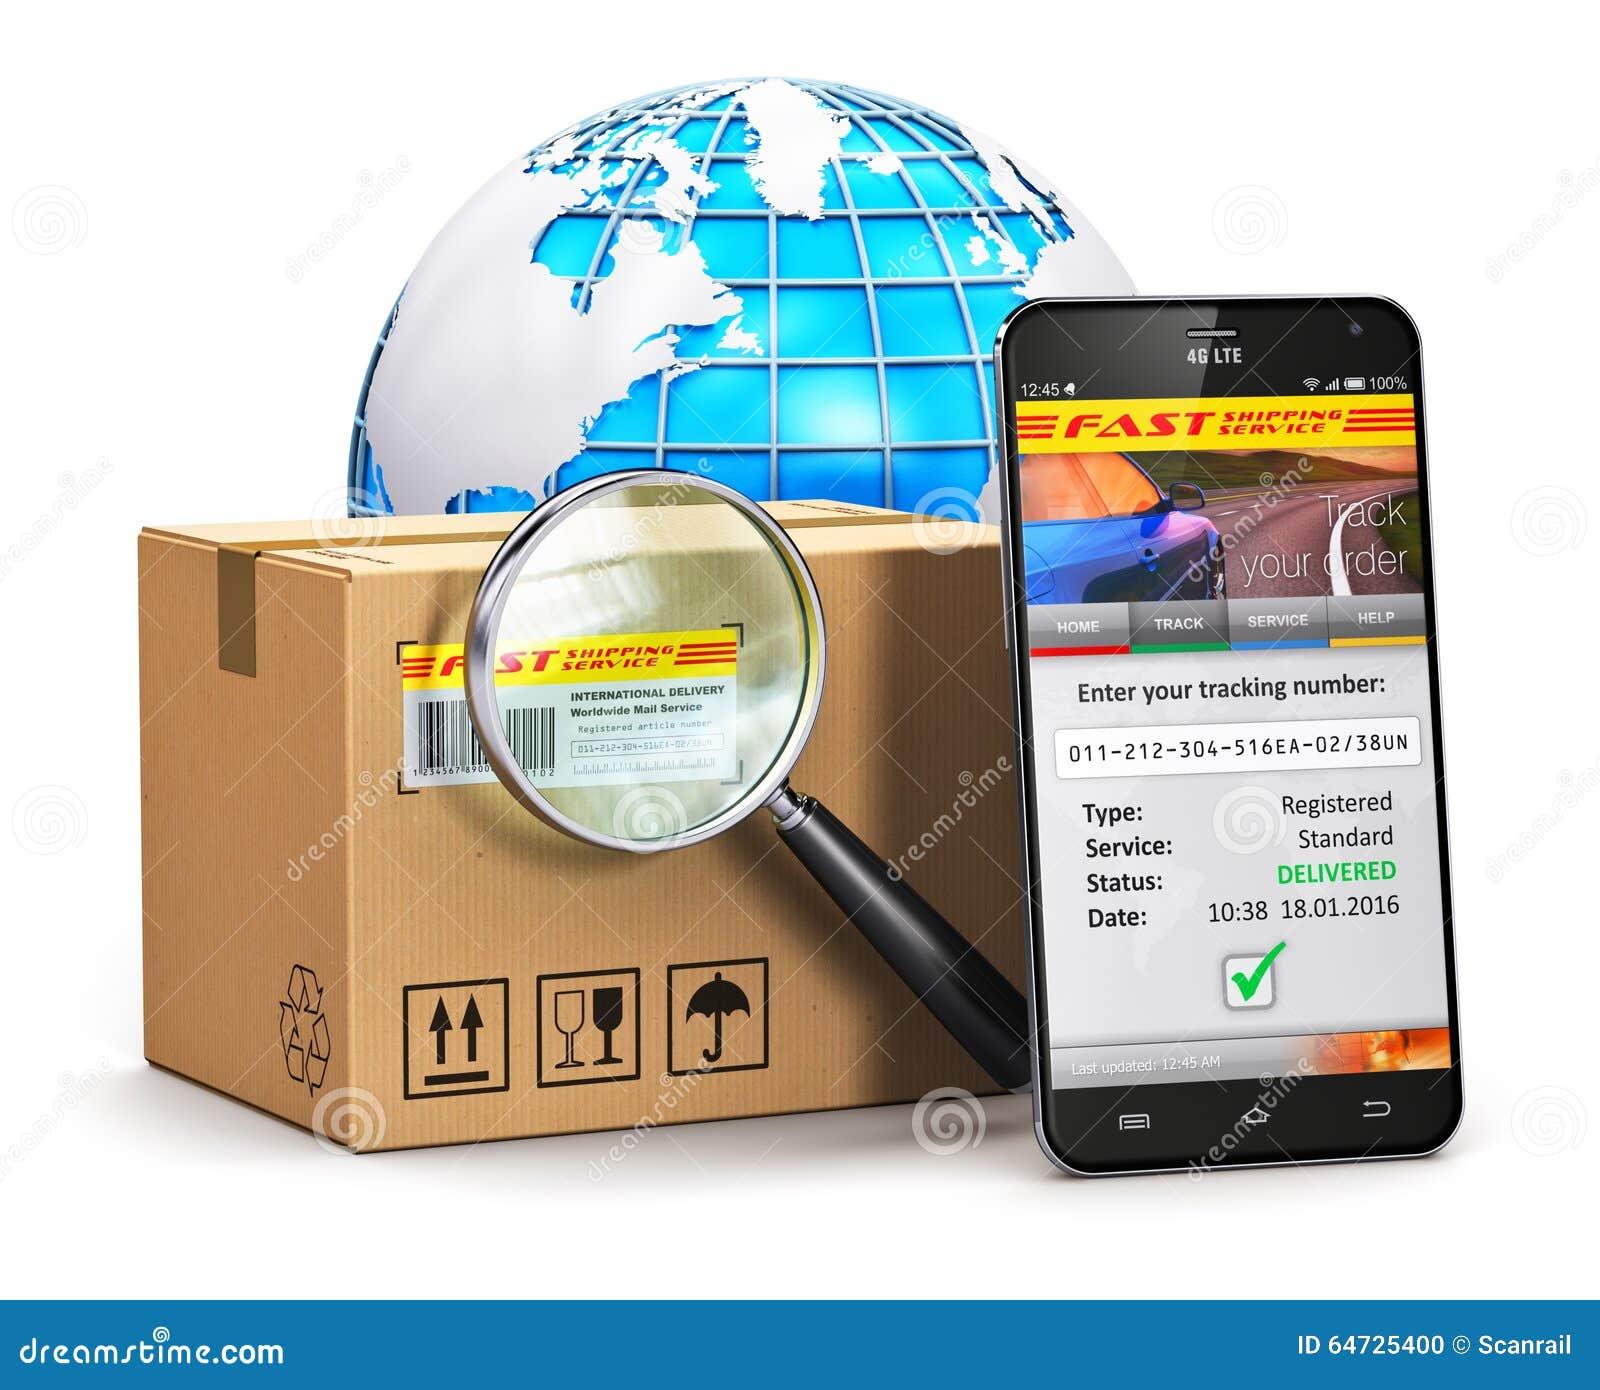 online parcel tracking concept stock illustration illustration of